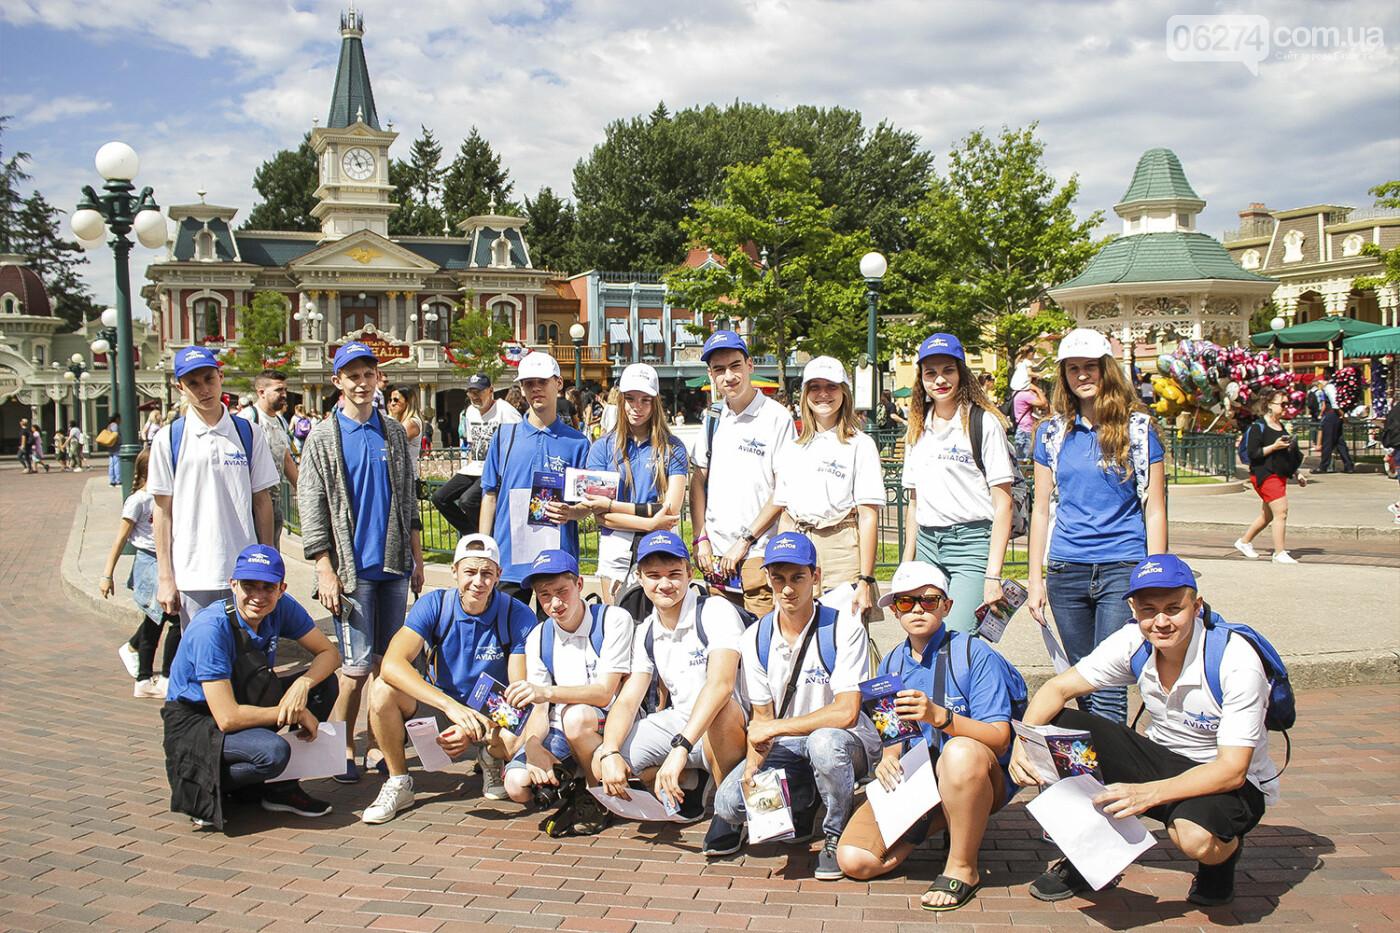 Призеры областных олимпиад Донбасса увидели Париж и отдохнули в Диснейленде, фото-1